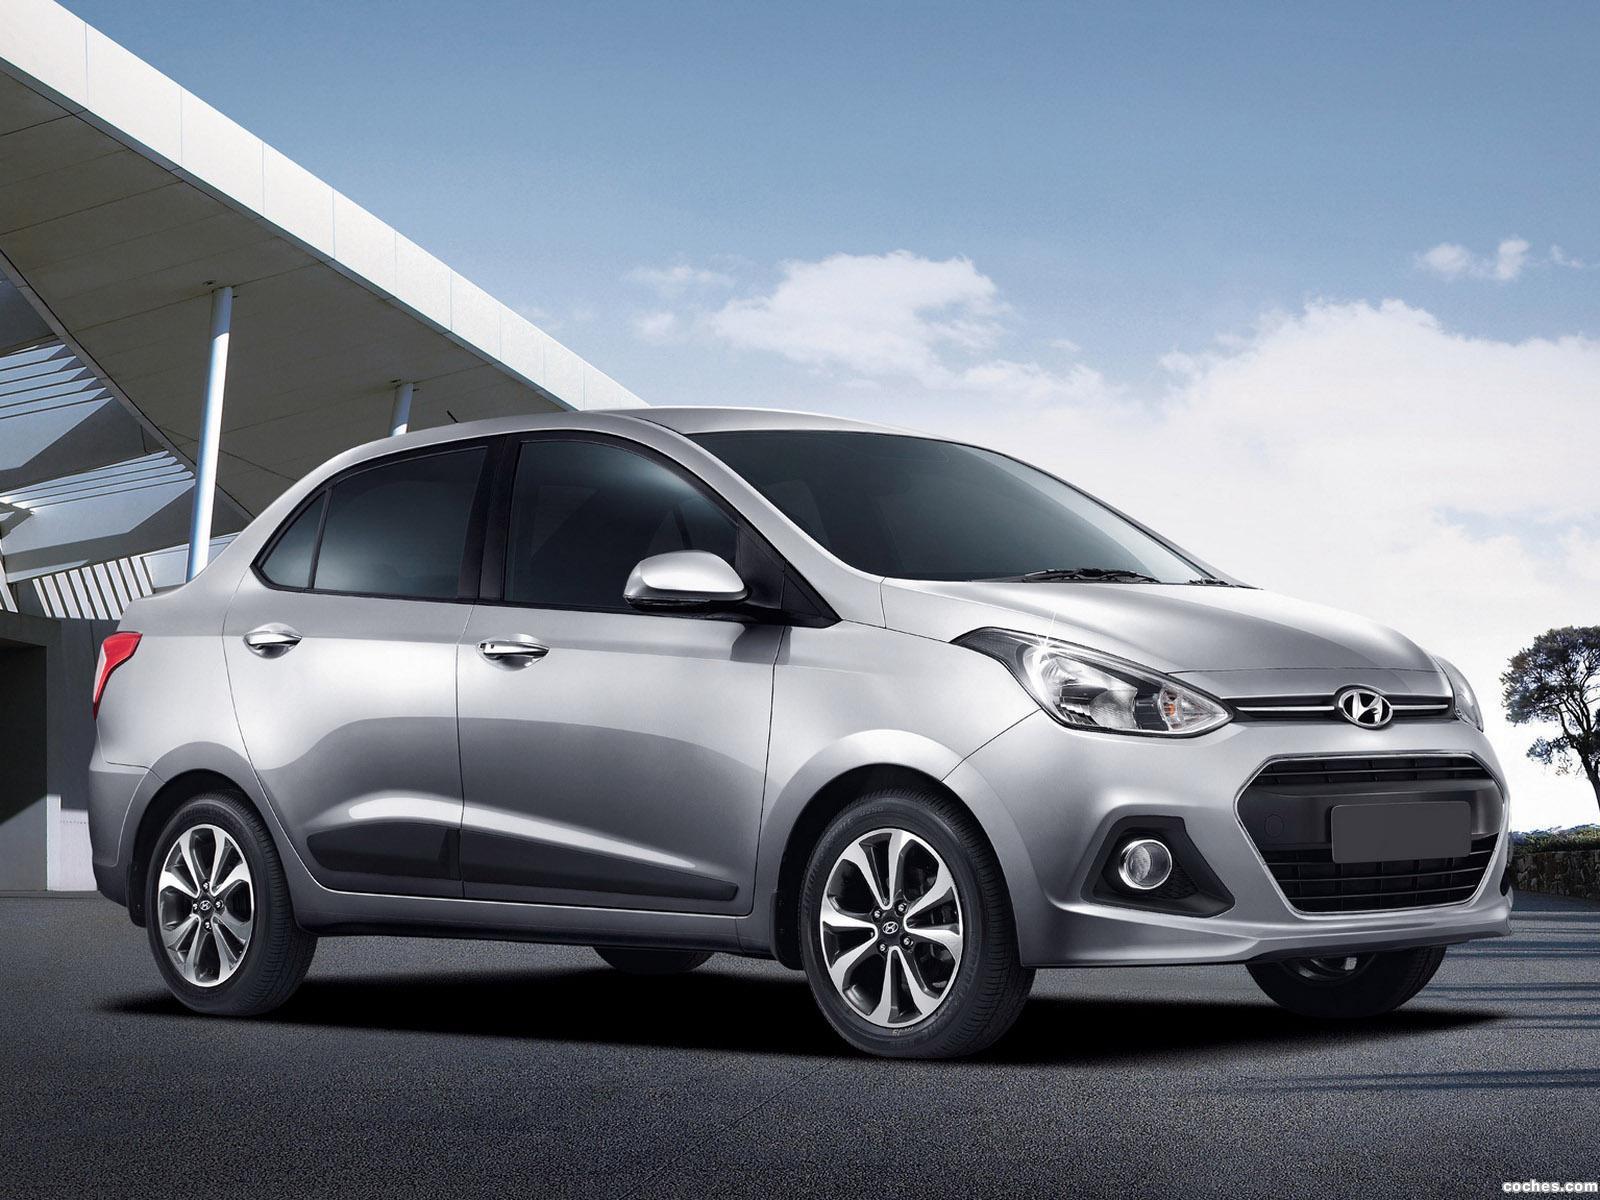 Foto 0 de Hyundai Xcent 2014